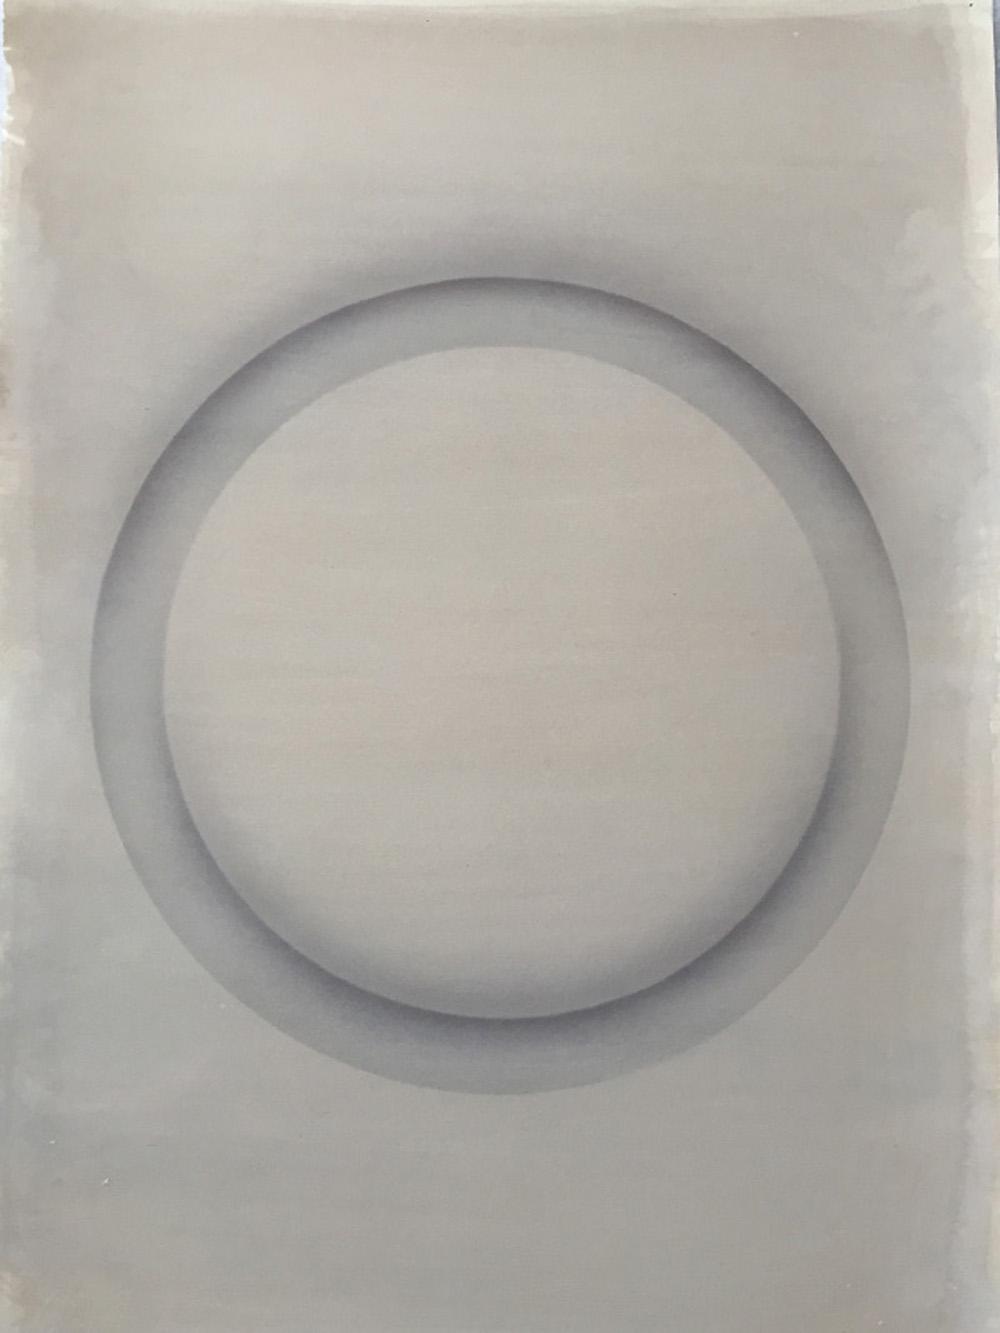 Senza titolo, 2016, tempera e inchiostro su carta montata su tela, cm 70,5x49,5